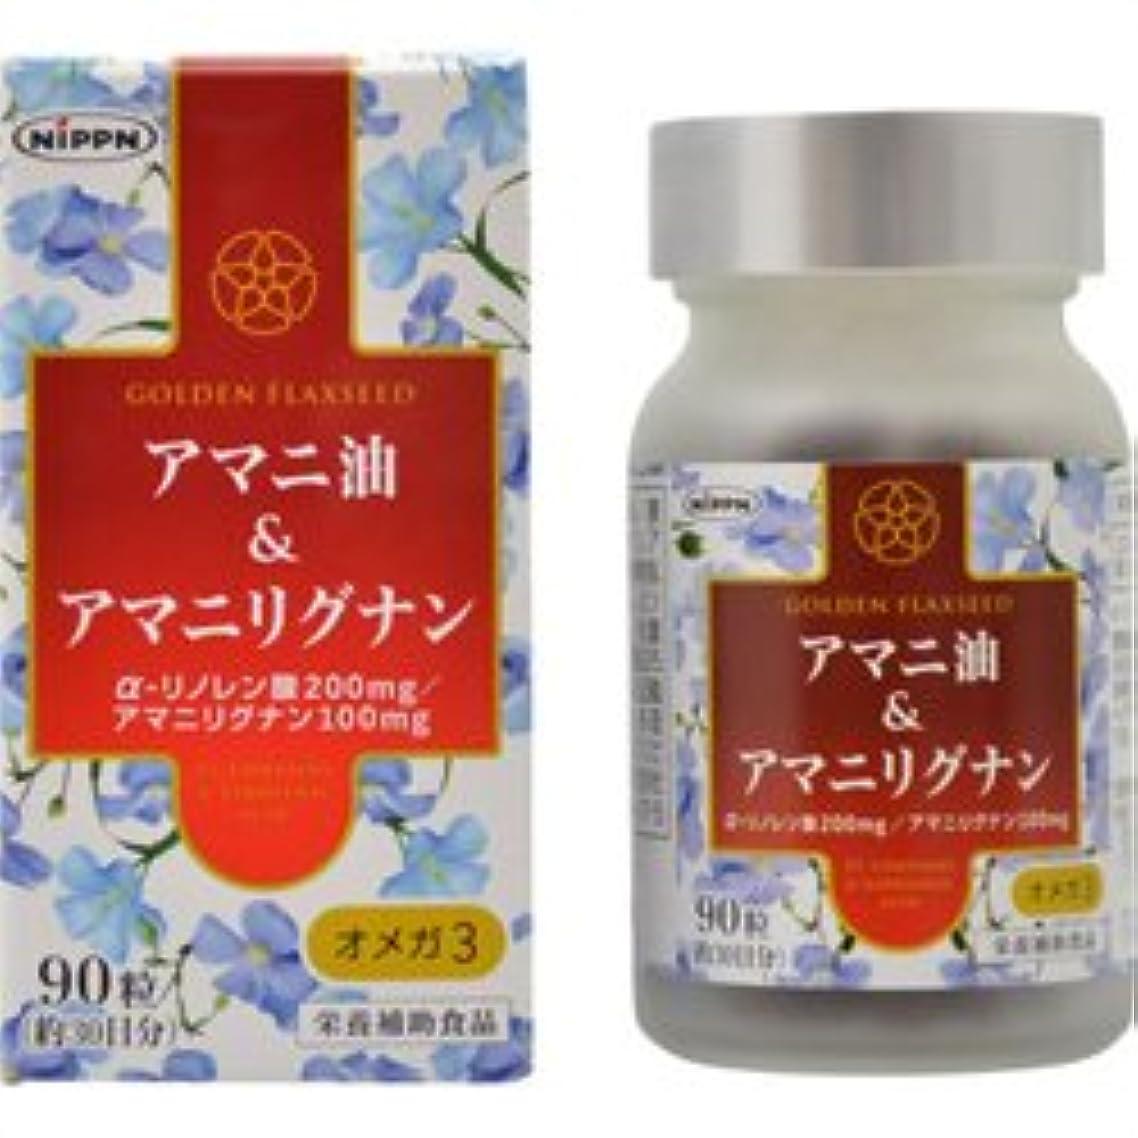 流産誰も召集する【日本製粉】アマニ油&アマニリグナン 90粒 ×5個セット